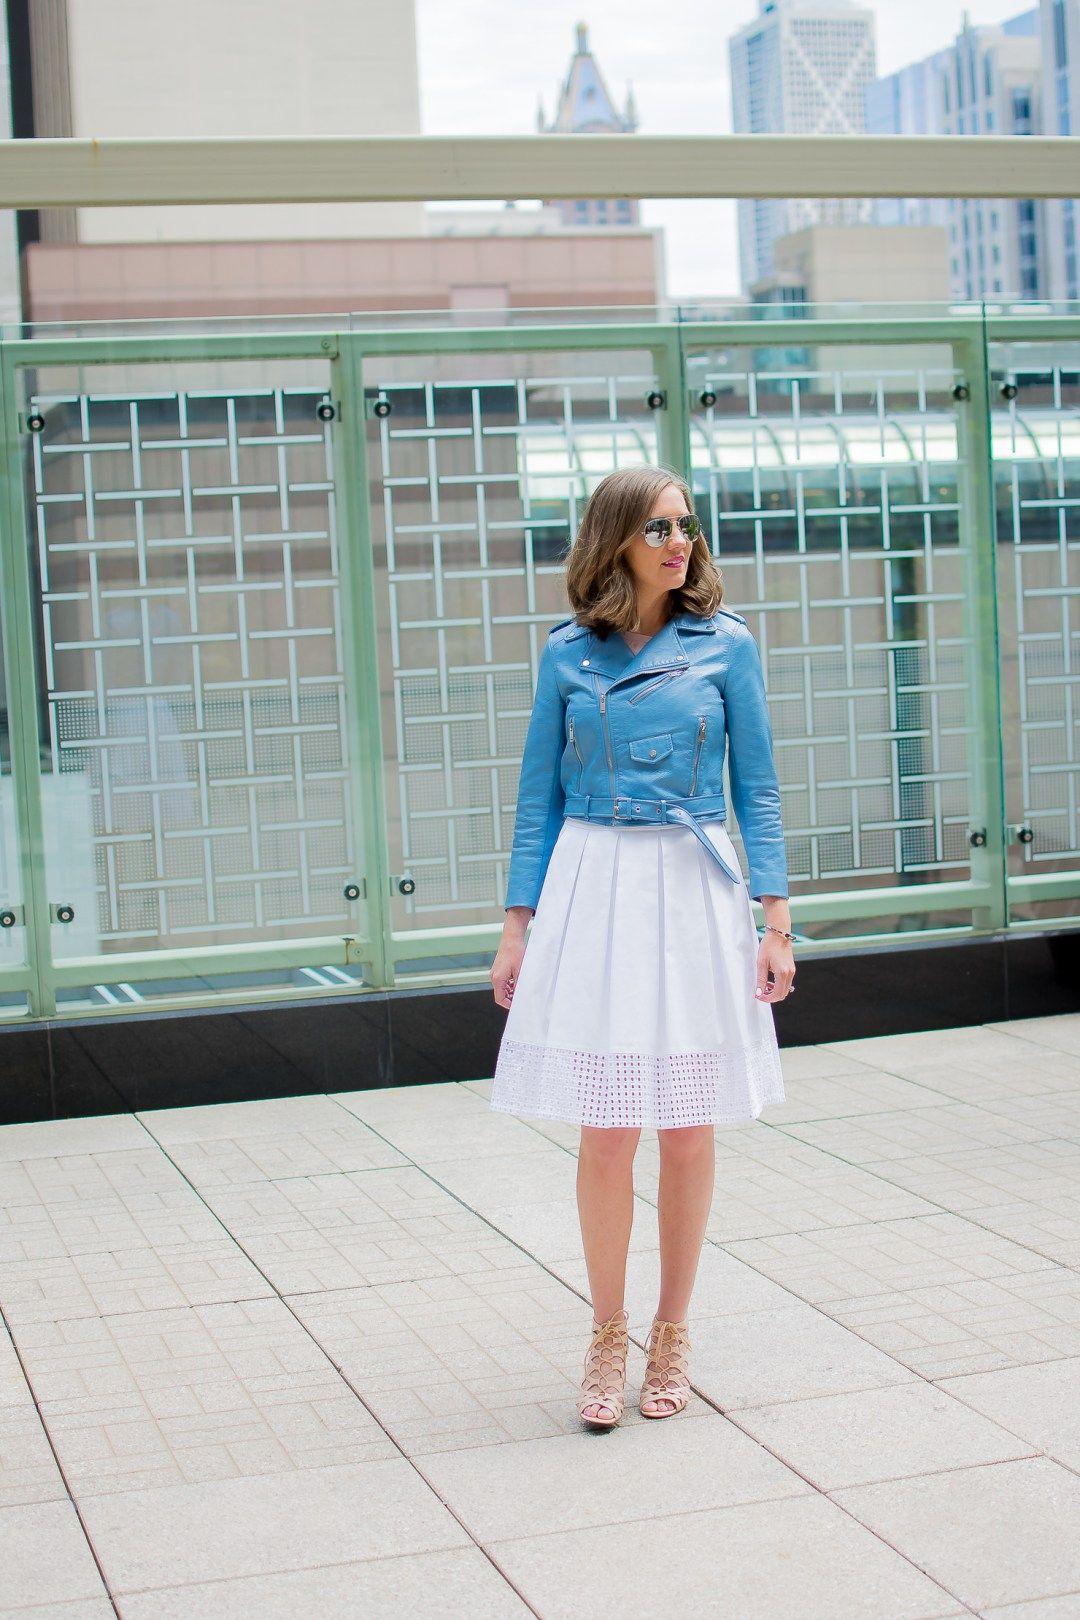 466a49f56437 zara-blue-cropped-moto-jacket-white-eyelet-midi-skirt -chicago-terrace-lace-up-heels-peninsula-hotel